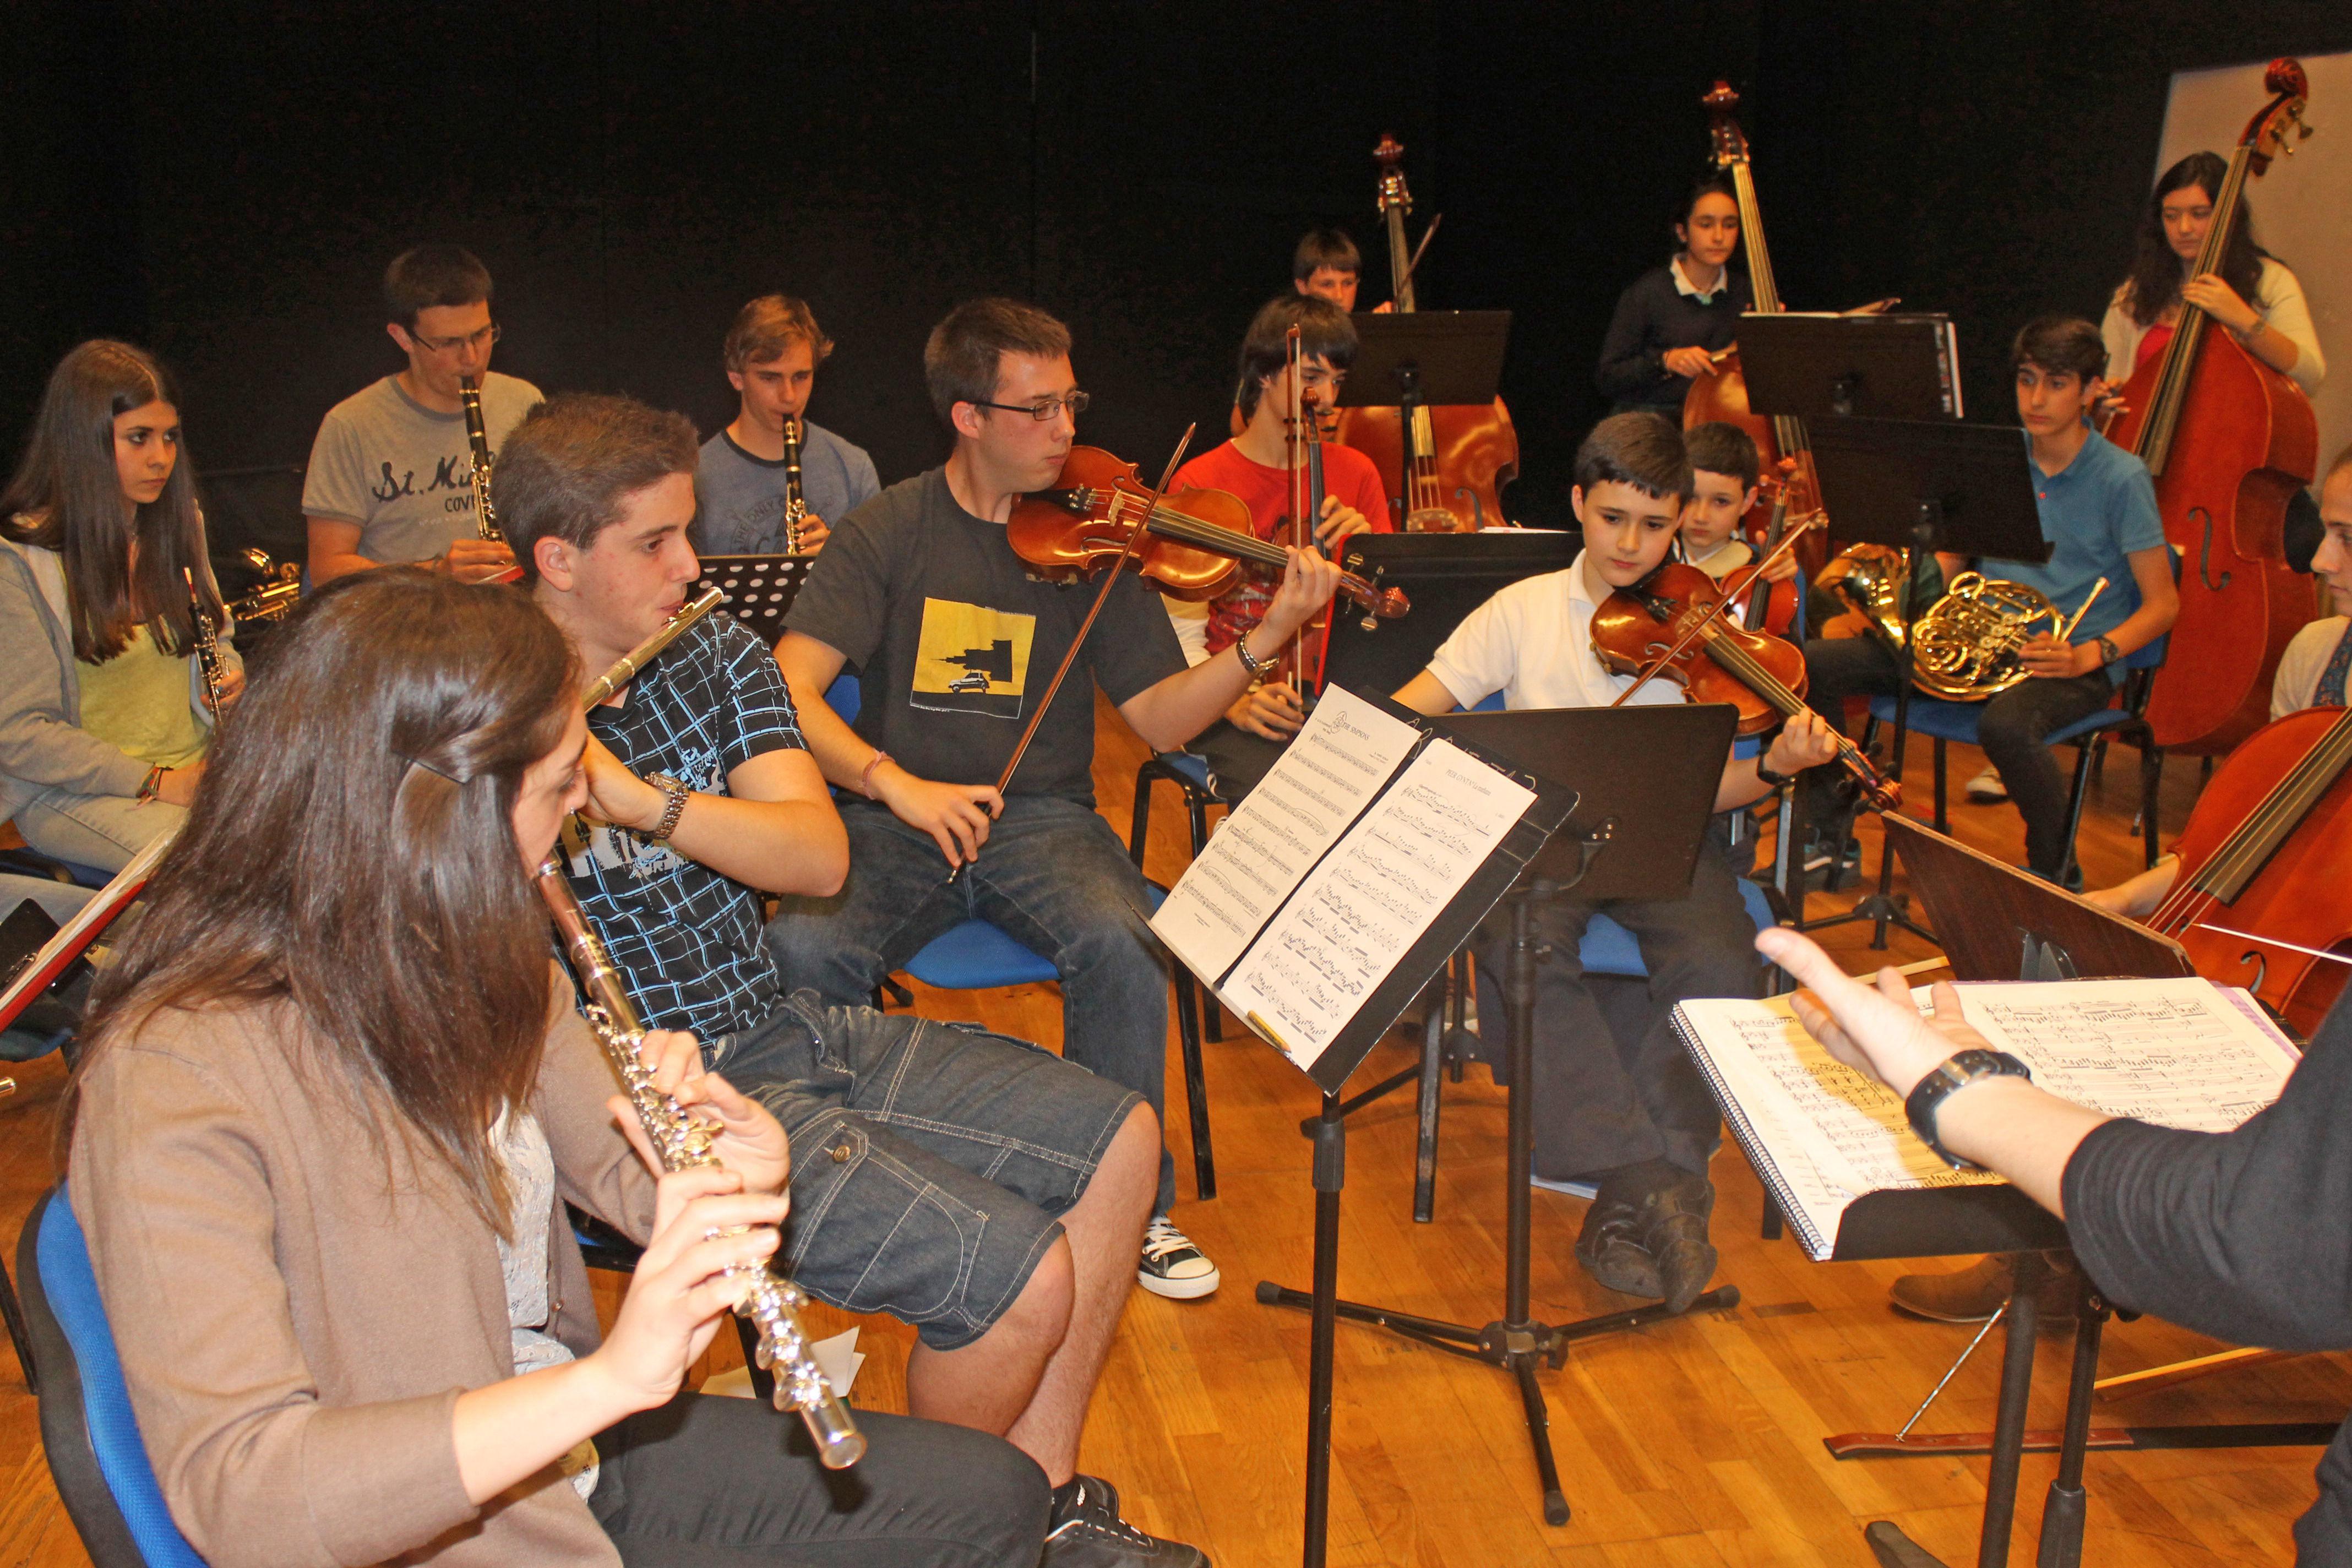 Foto 2 de Escuelas de música, danza e interpretación en Deusto-Bilbao | ARTEBI